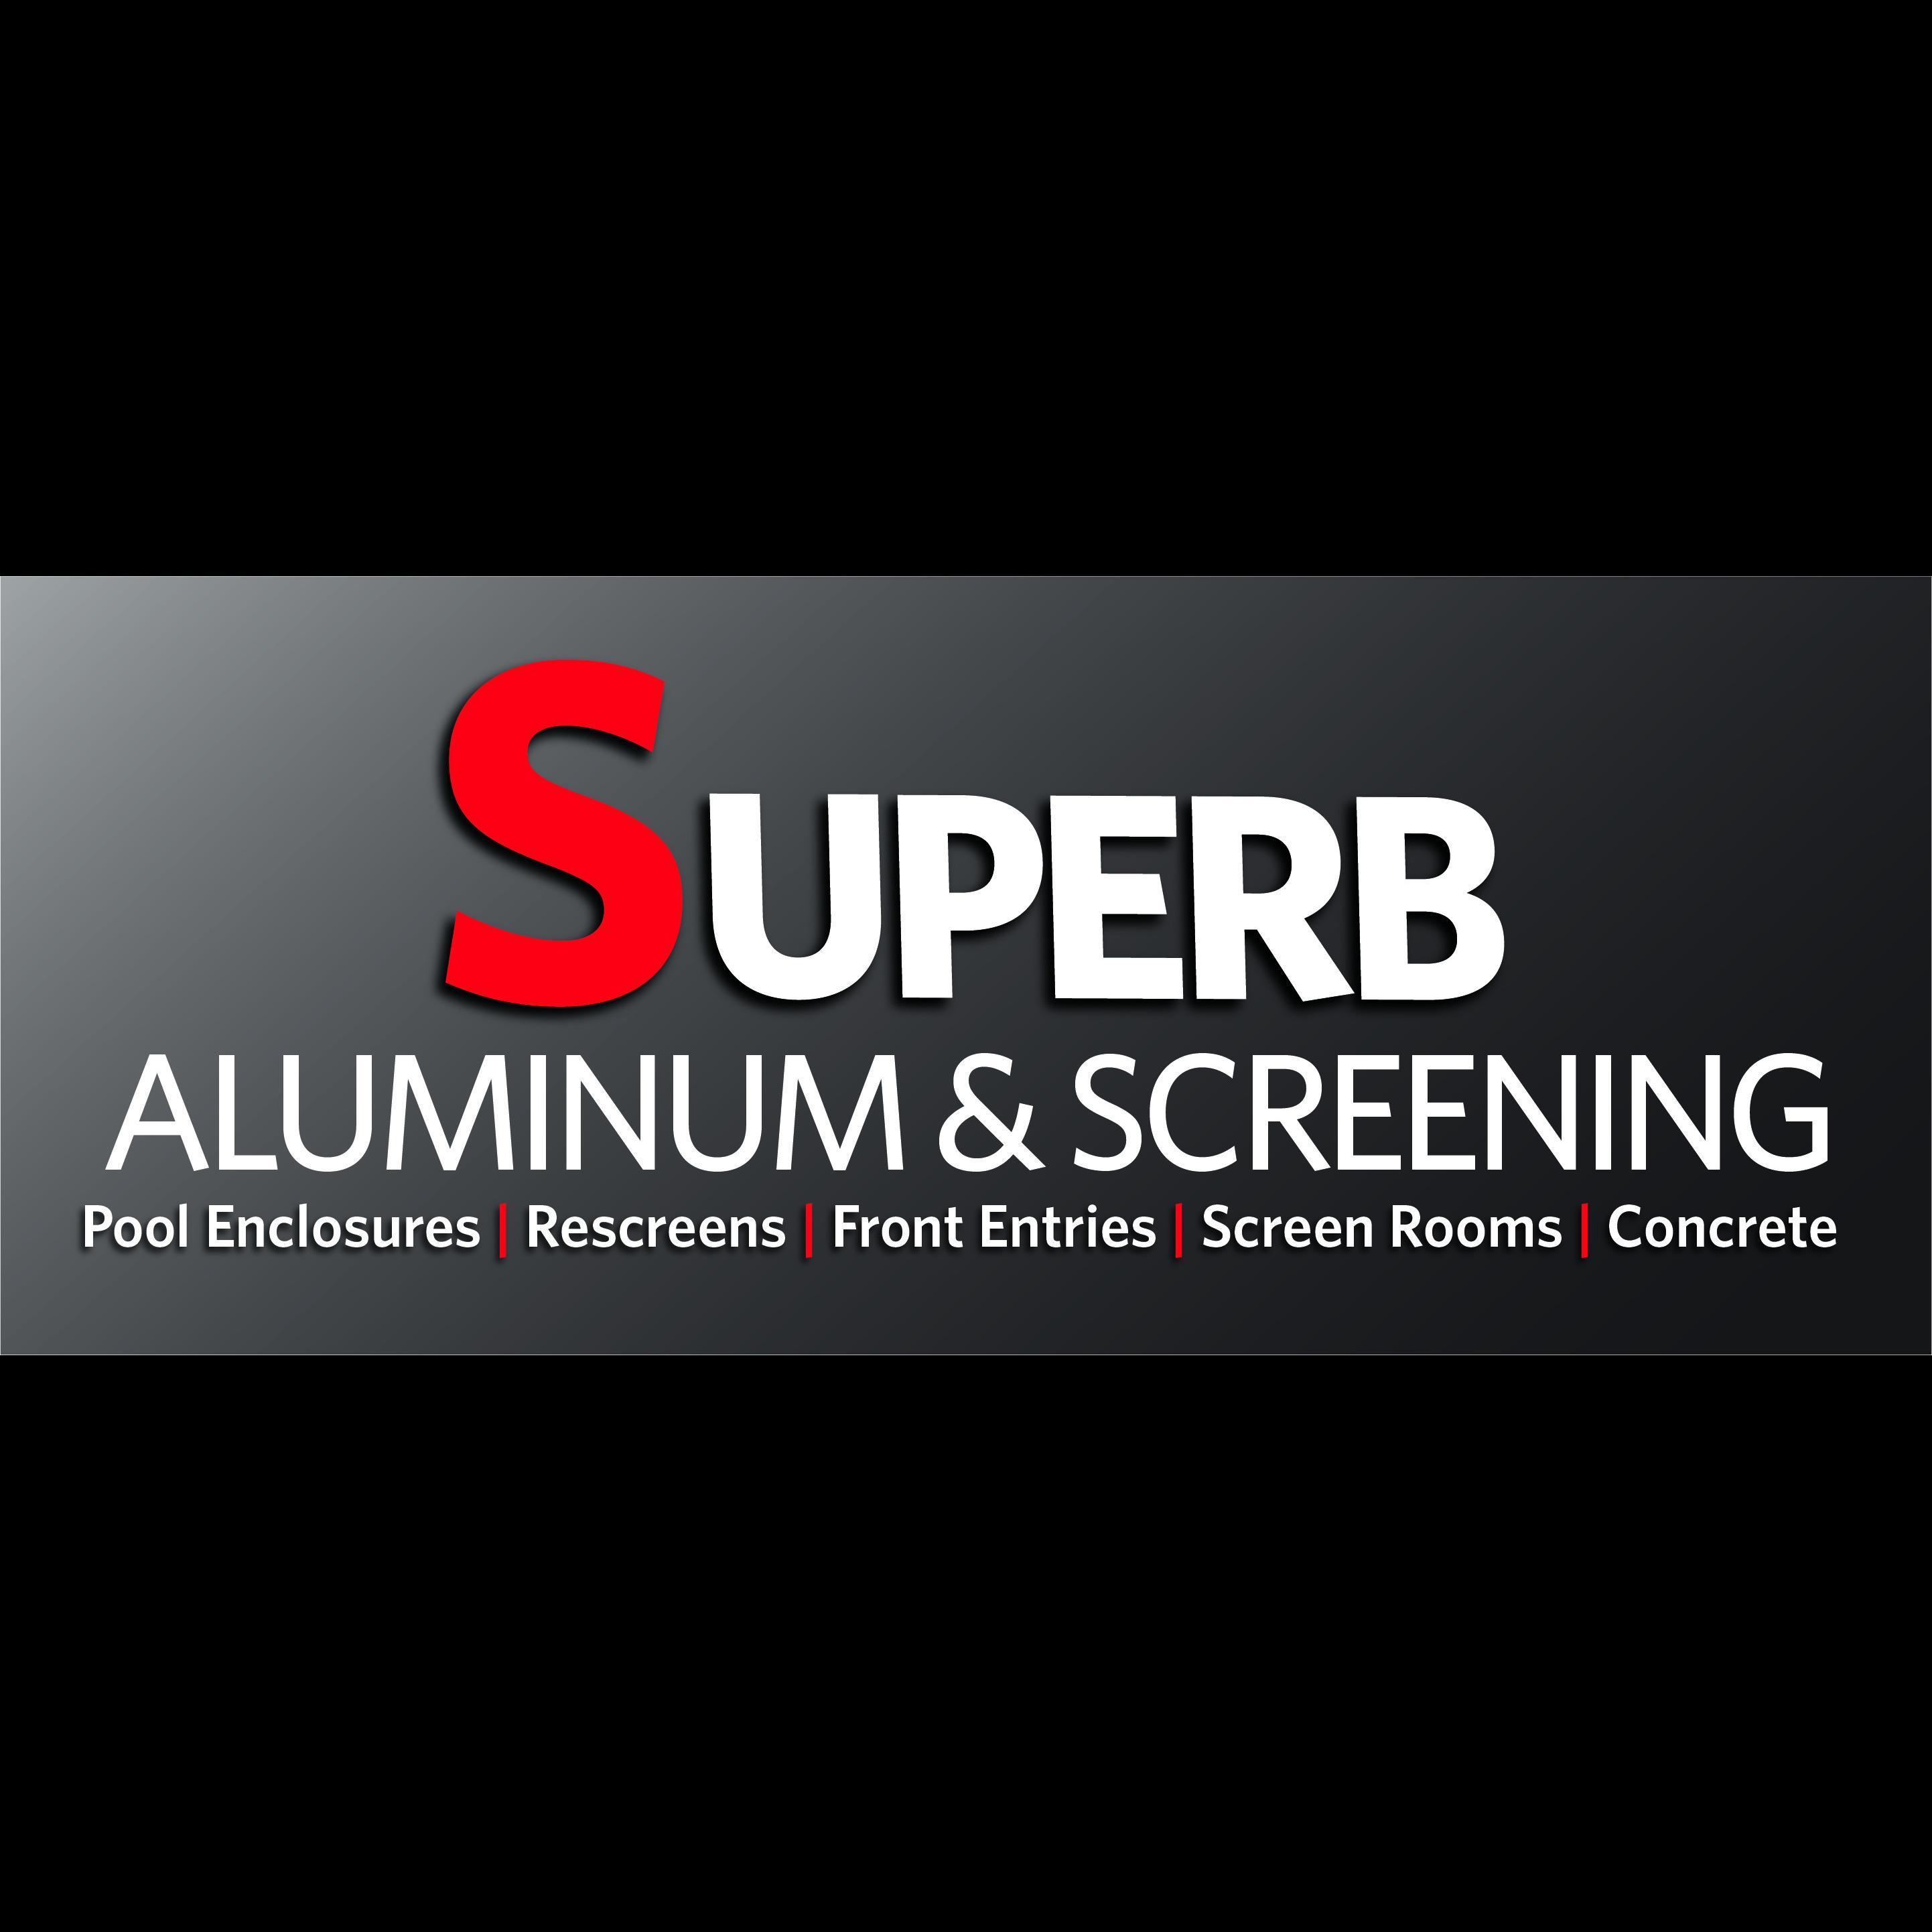 Superb Aluminum & Screening